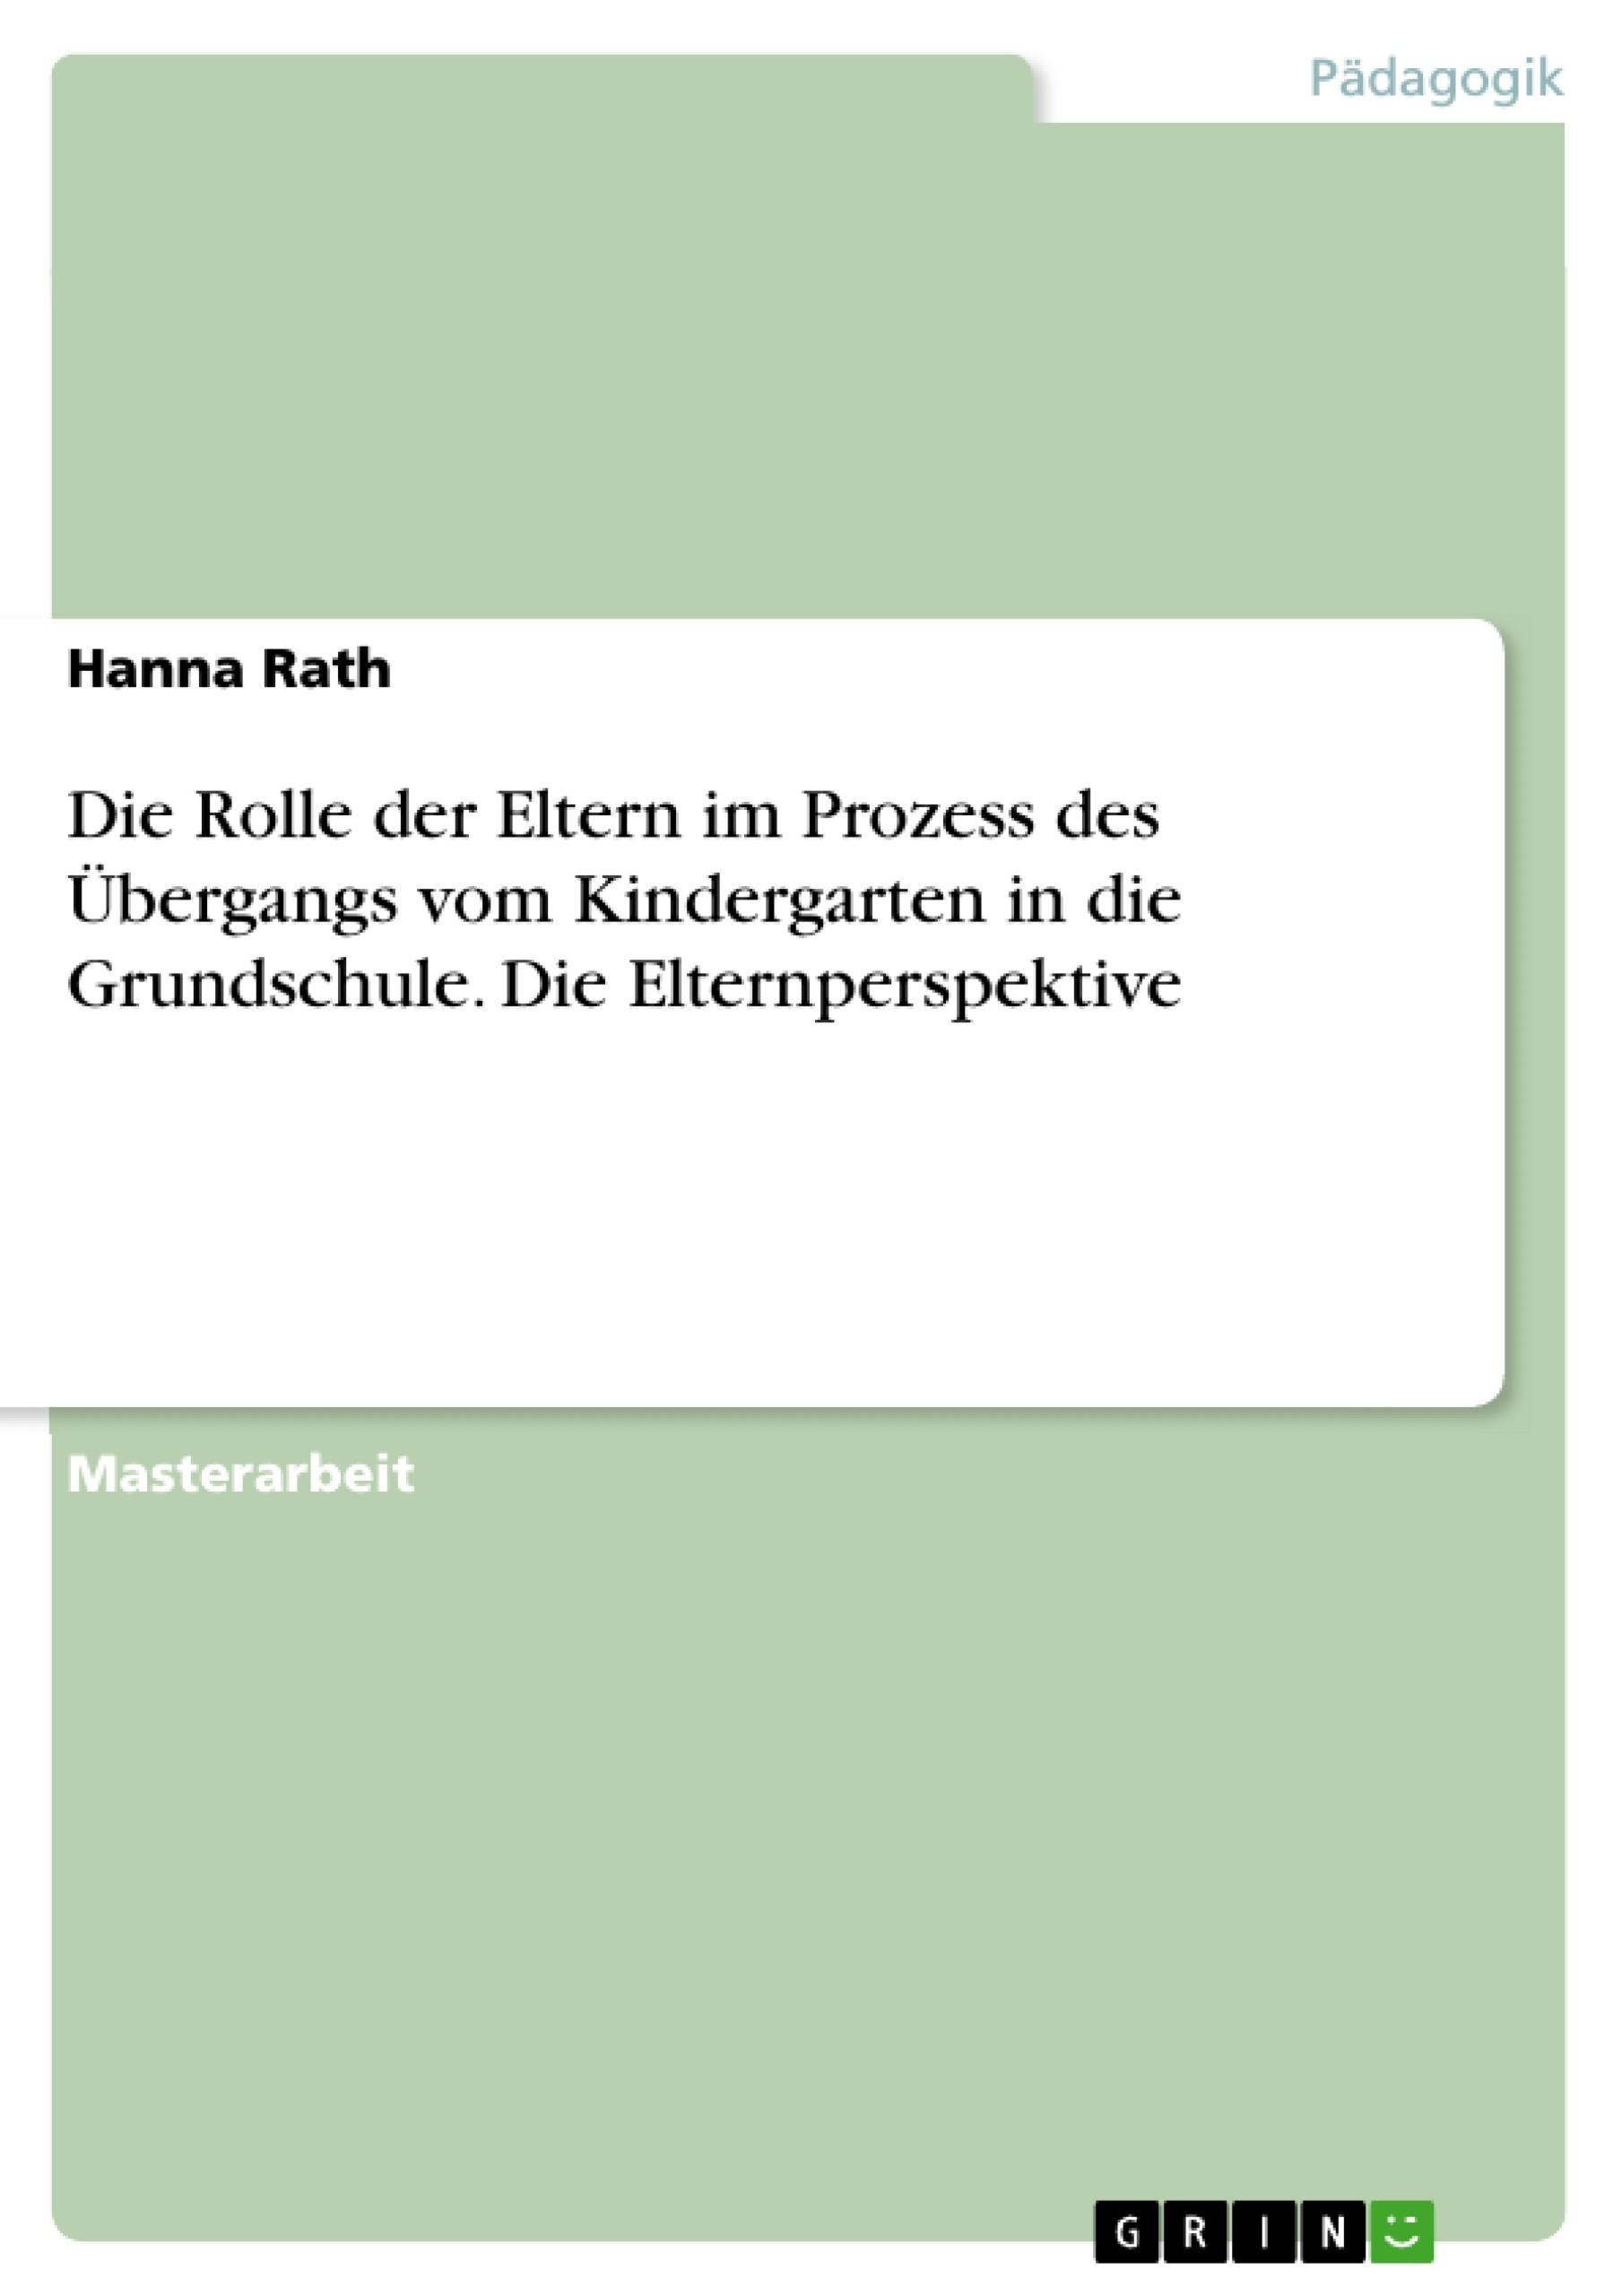 Titel: Die Rolle der Eltern im Prozess des Übergangs vom Kindergarten in die Grundschule. Die Elternperspektive